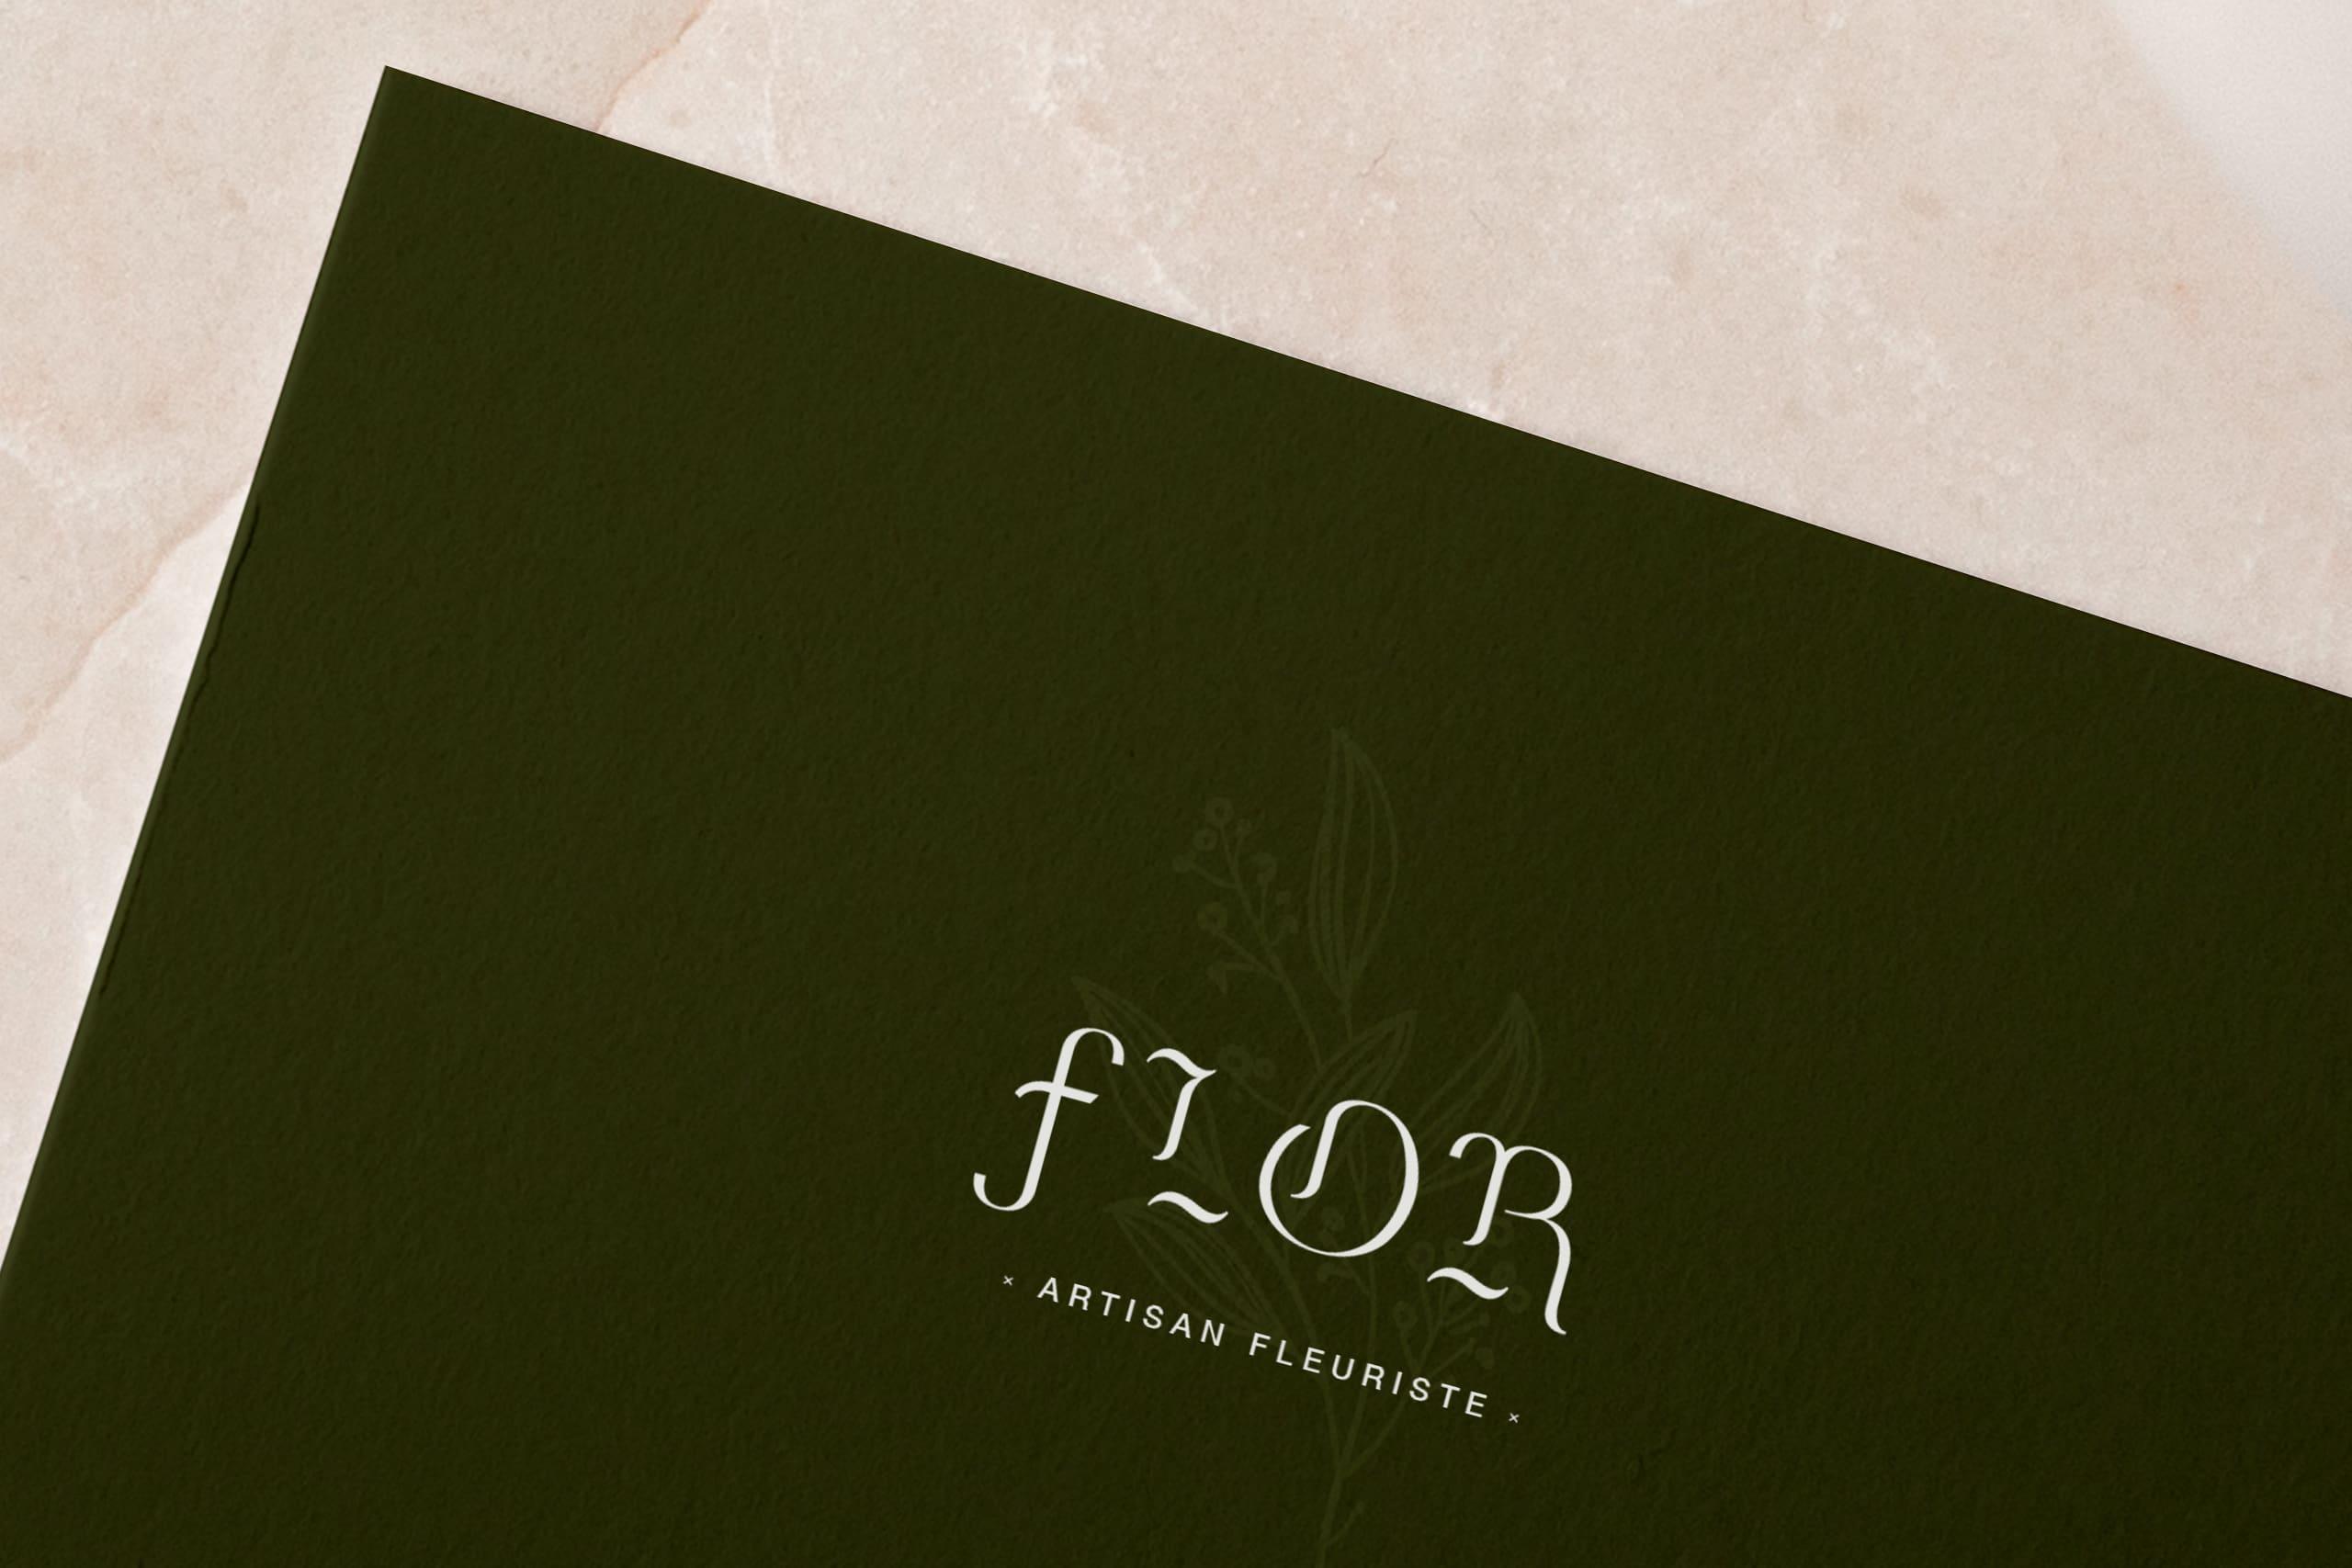 zoom sur une carte de visite du fleuriste Flor. La carte est verte avec le logo en blanc